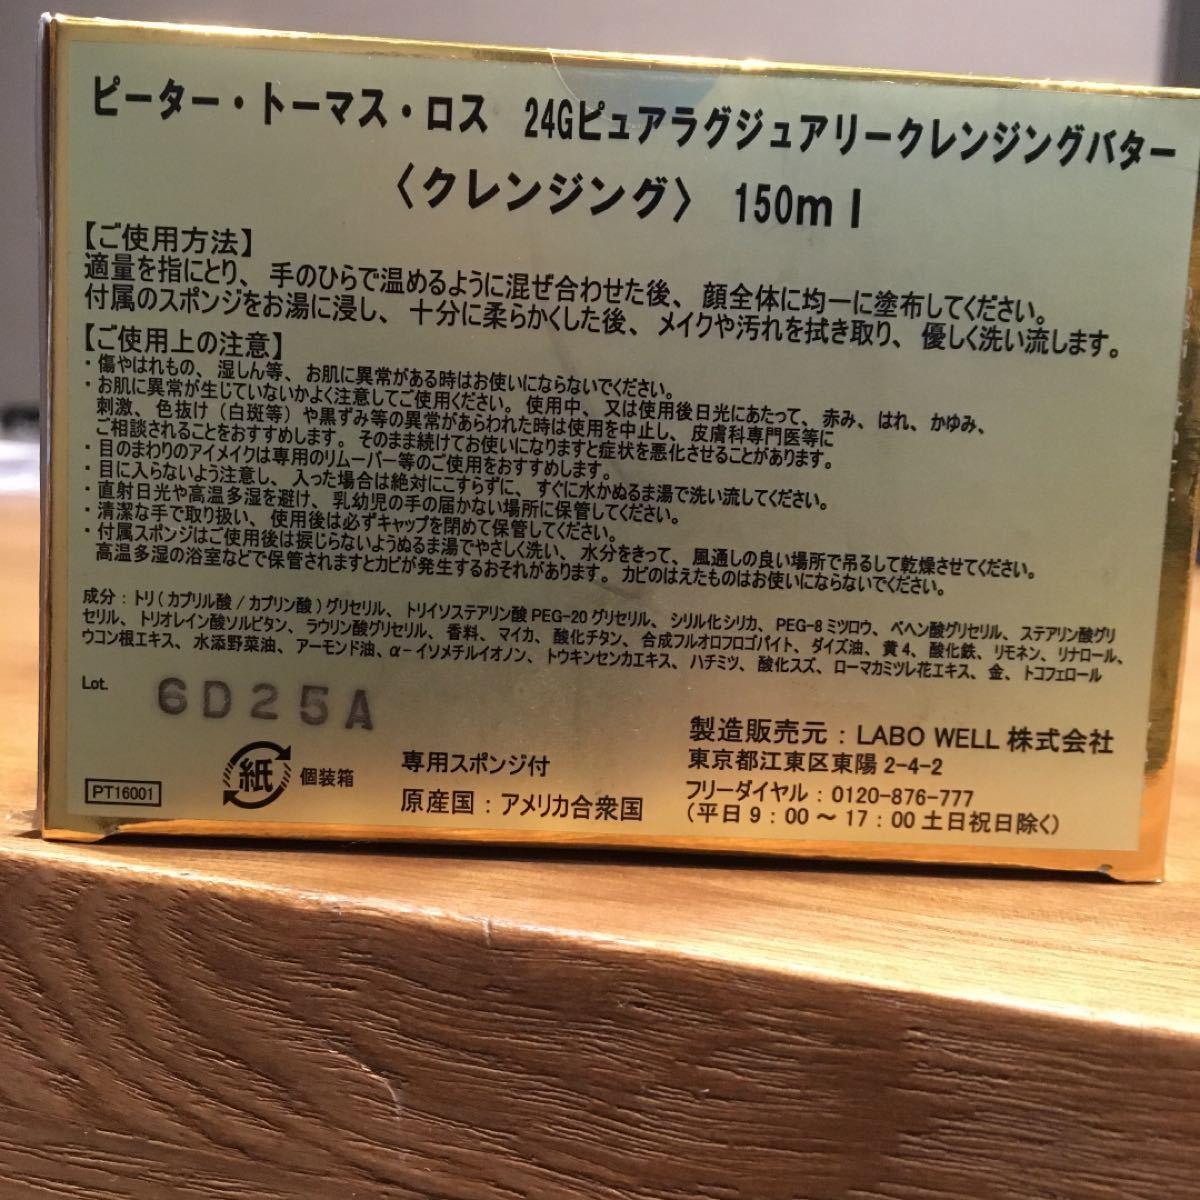 ピータートーマスロス 24Gピュアラグジュアリー クレンジングバター